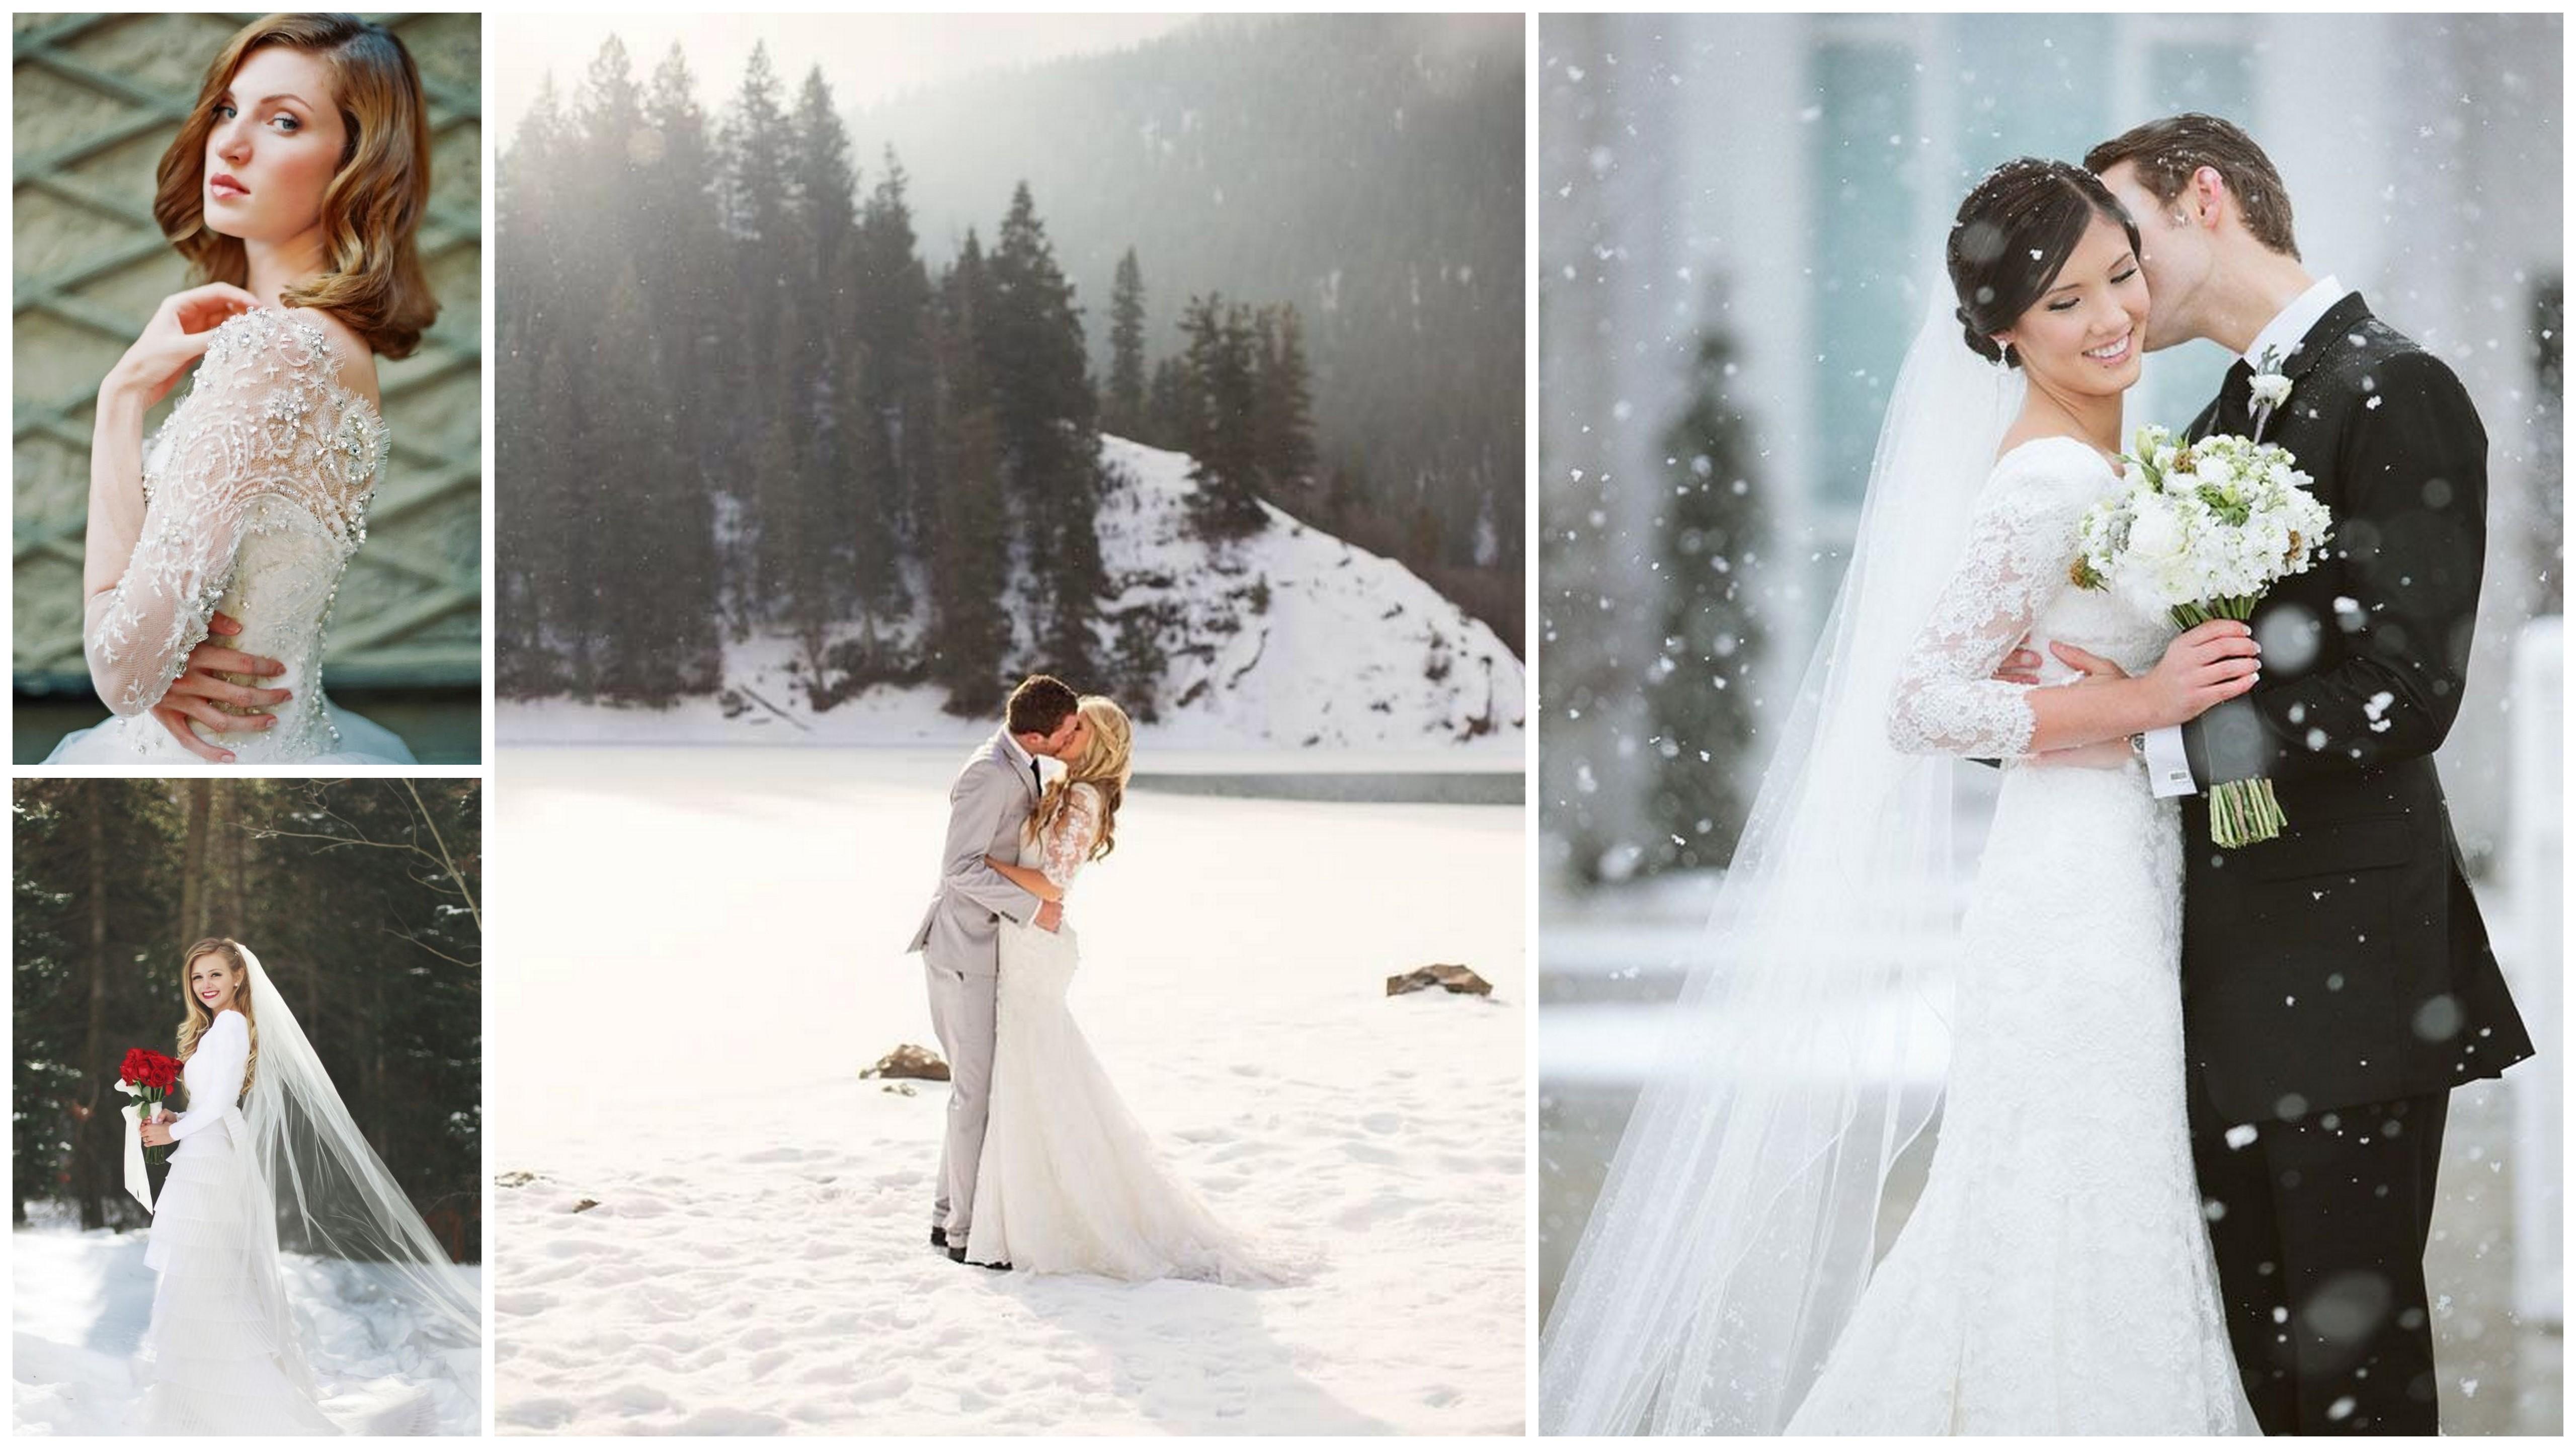 Зимний образ невесты, свадьба зимой, Свадебные фотографии зима